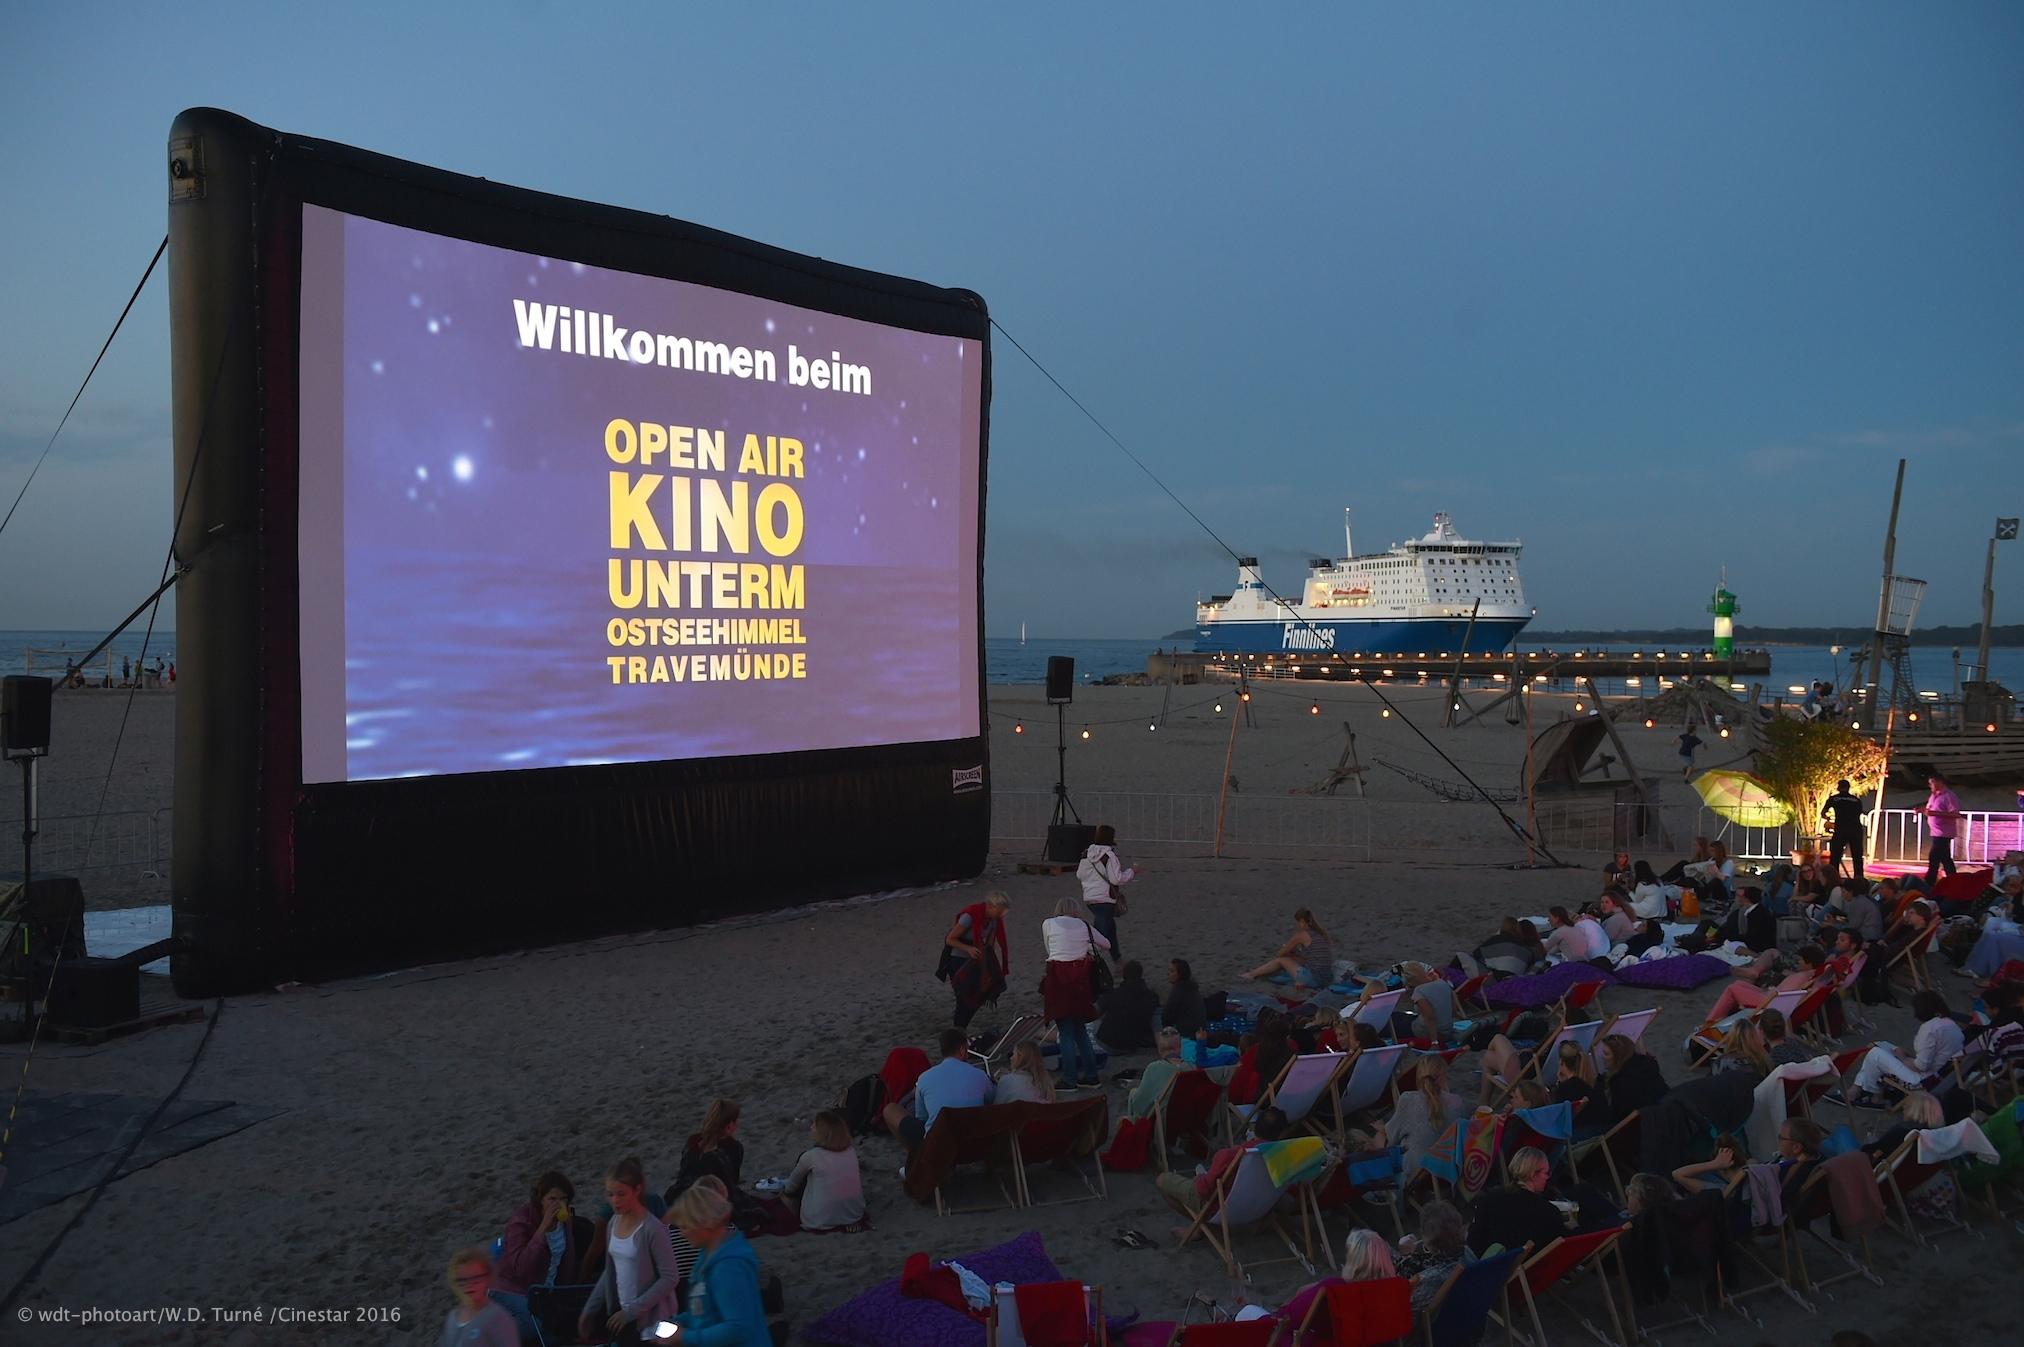 open air kino am strand von travem nde wochenspiegel online. Black Bedroom Furniture Sets. Home Design Ideas